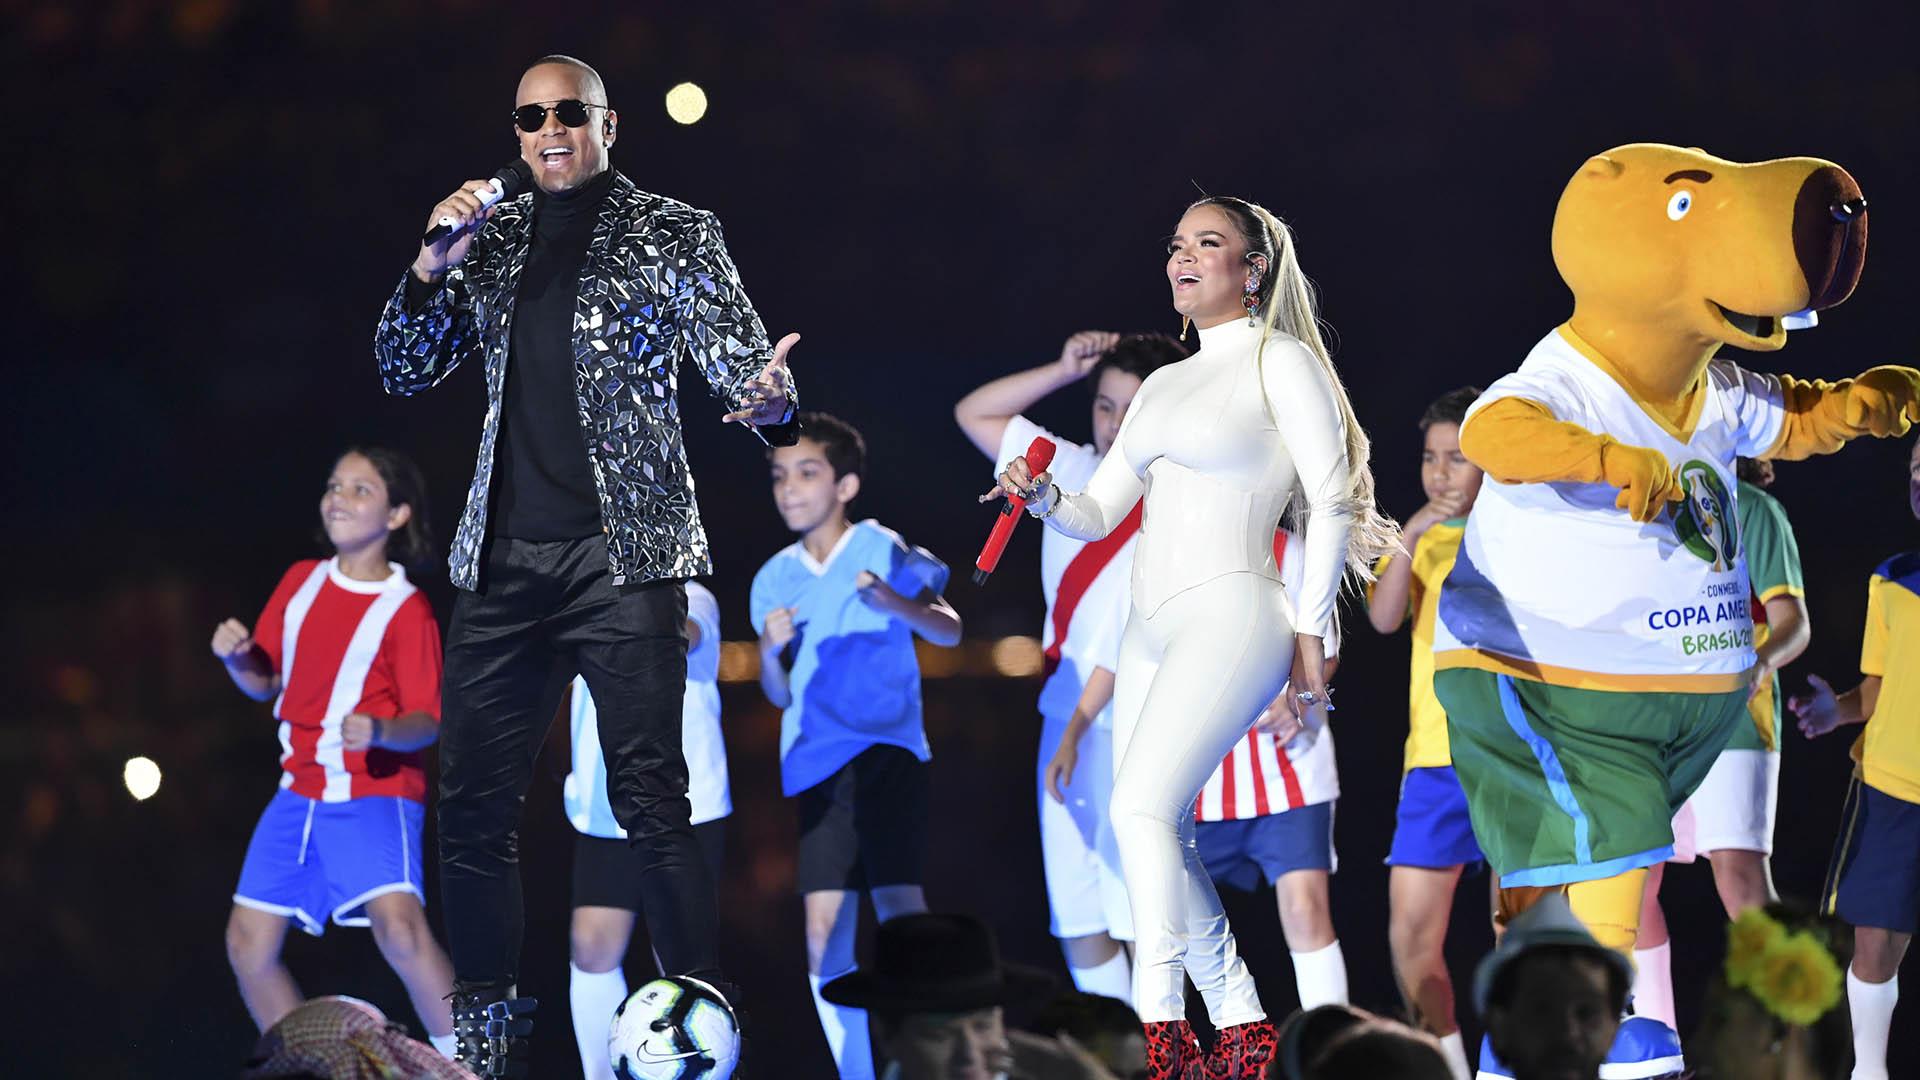 Los músicos Karol Gy Leo Santana fueron las dos grandes figuras del evento